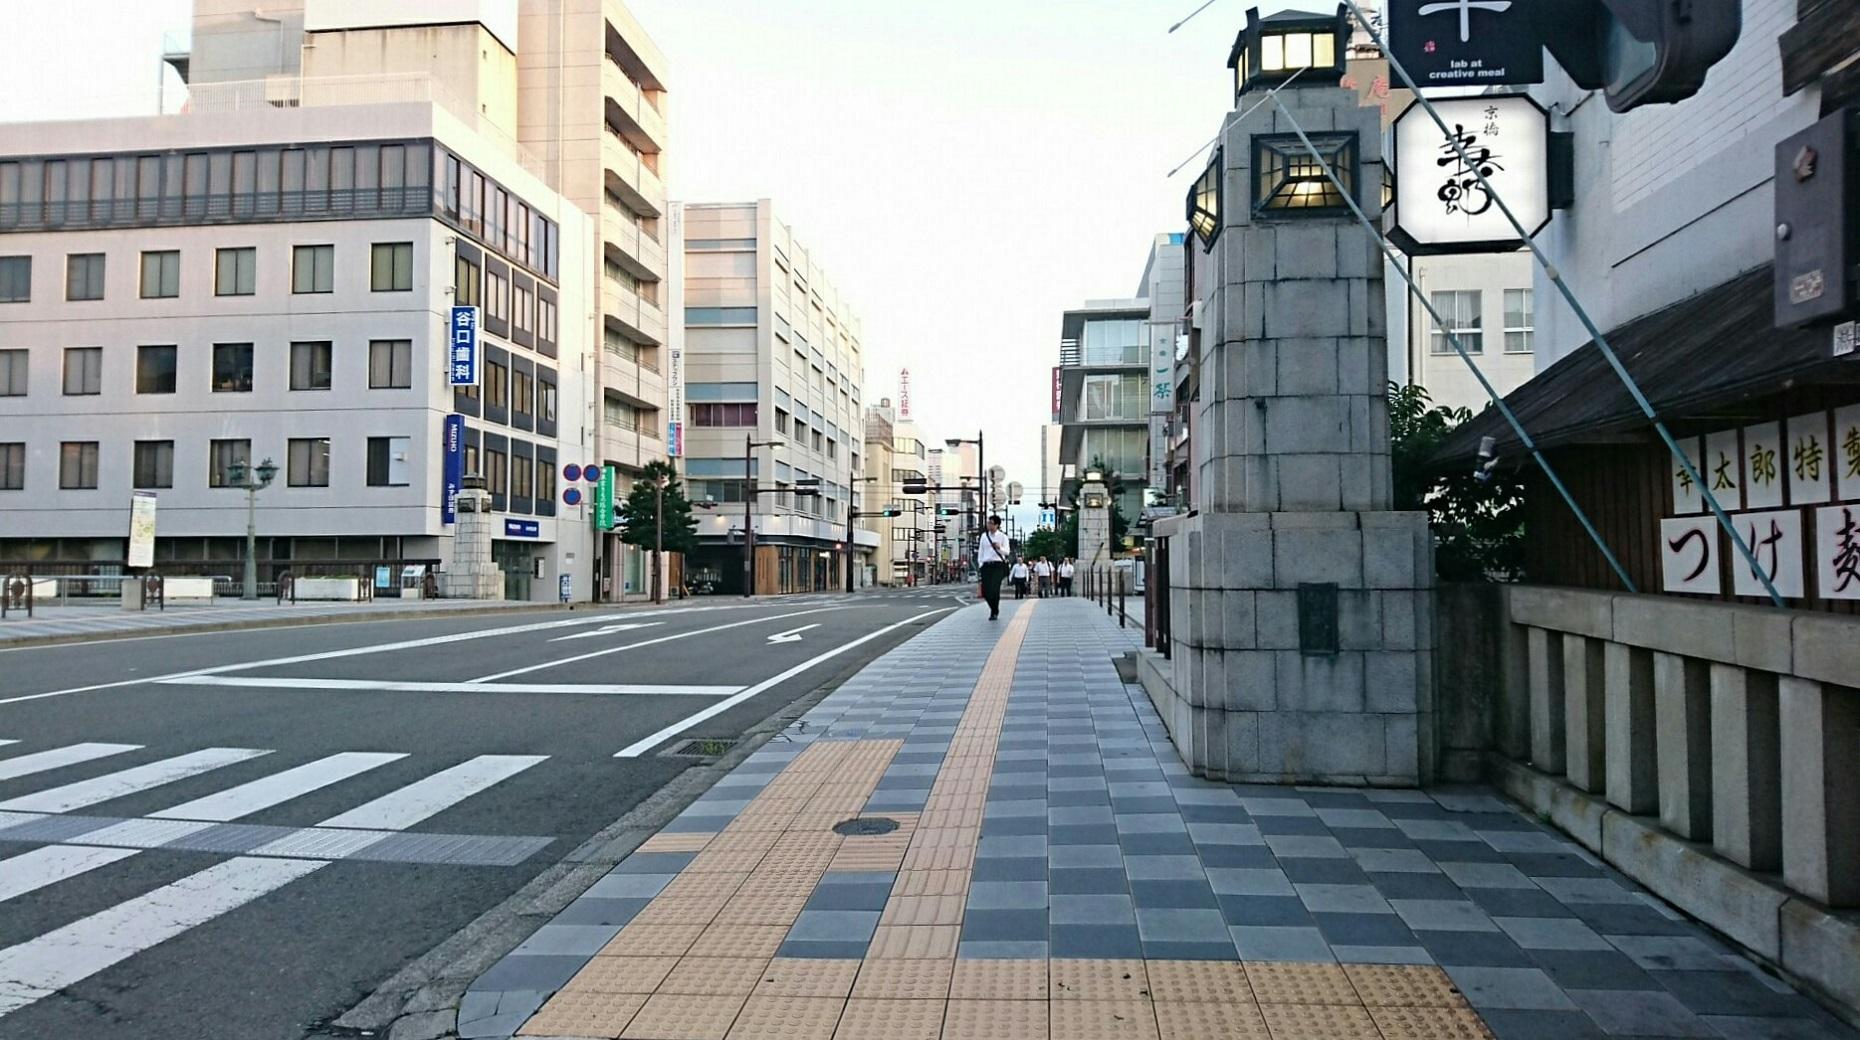 2017.8.17 わかやま (36) 京橋 1860-1040